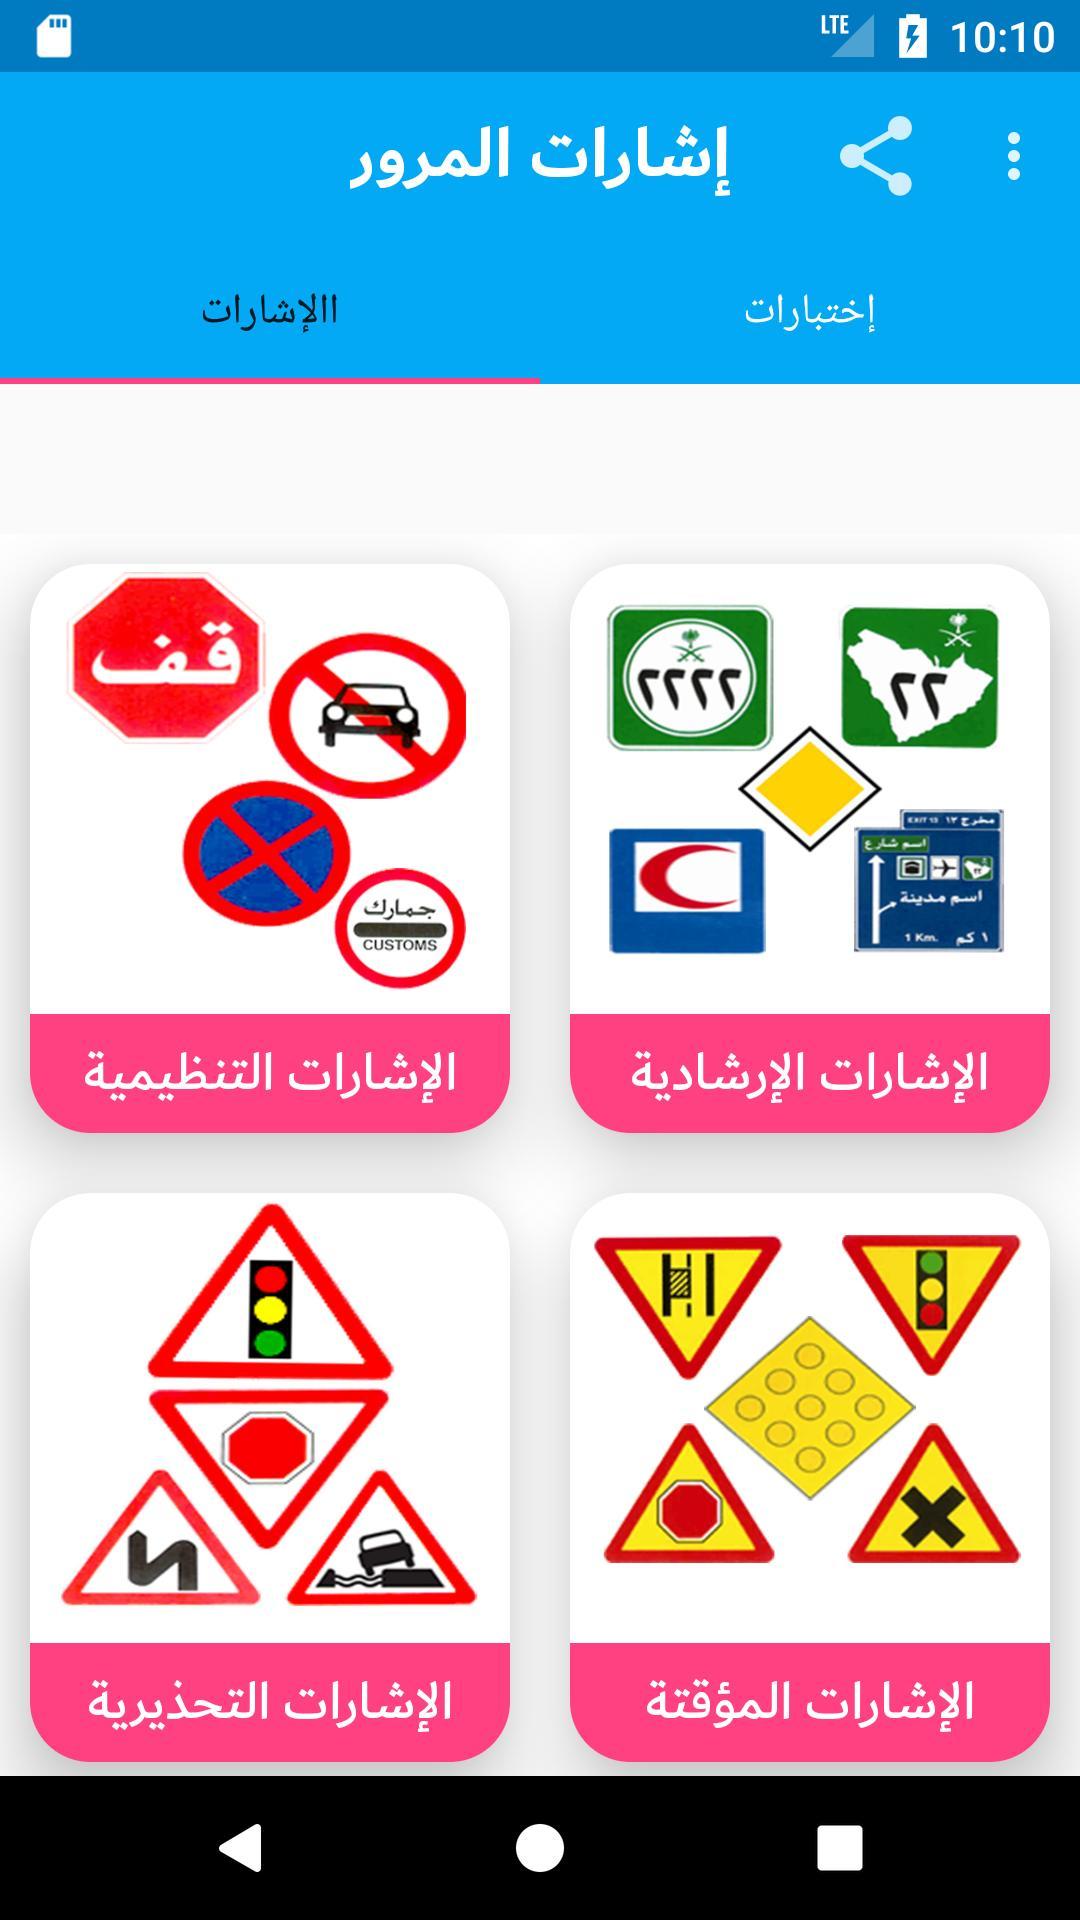 إختبار اشارات المرور السعودية 2018 For Android Apk Download